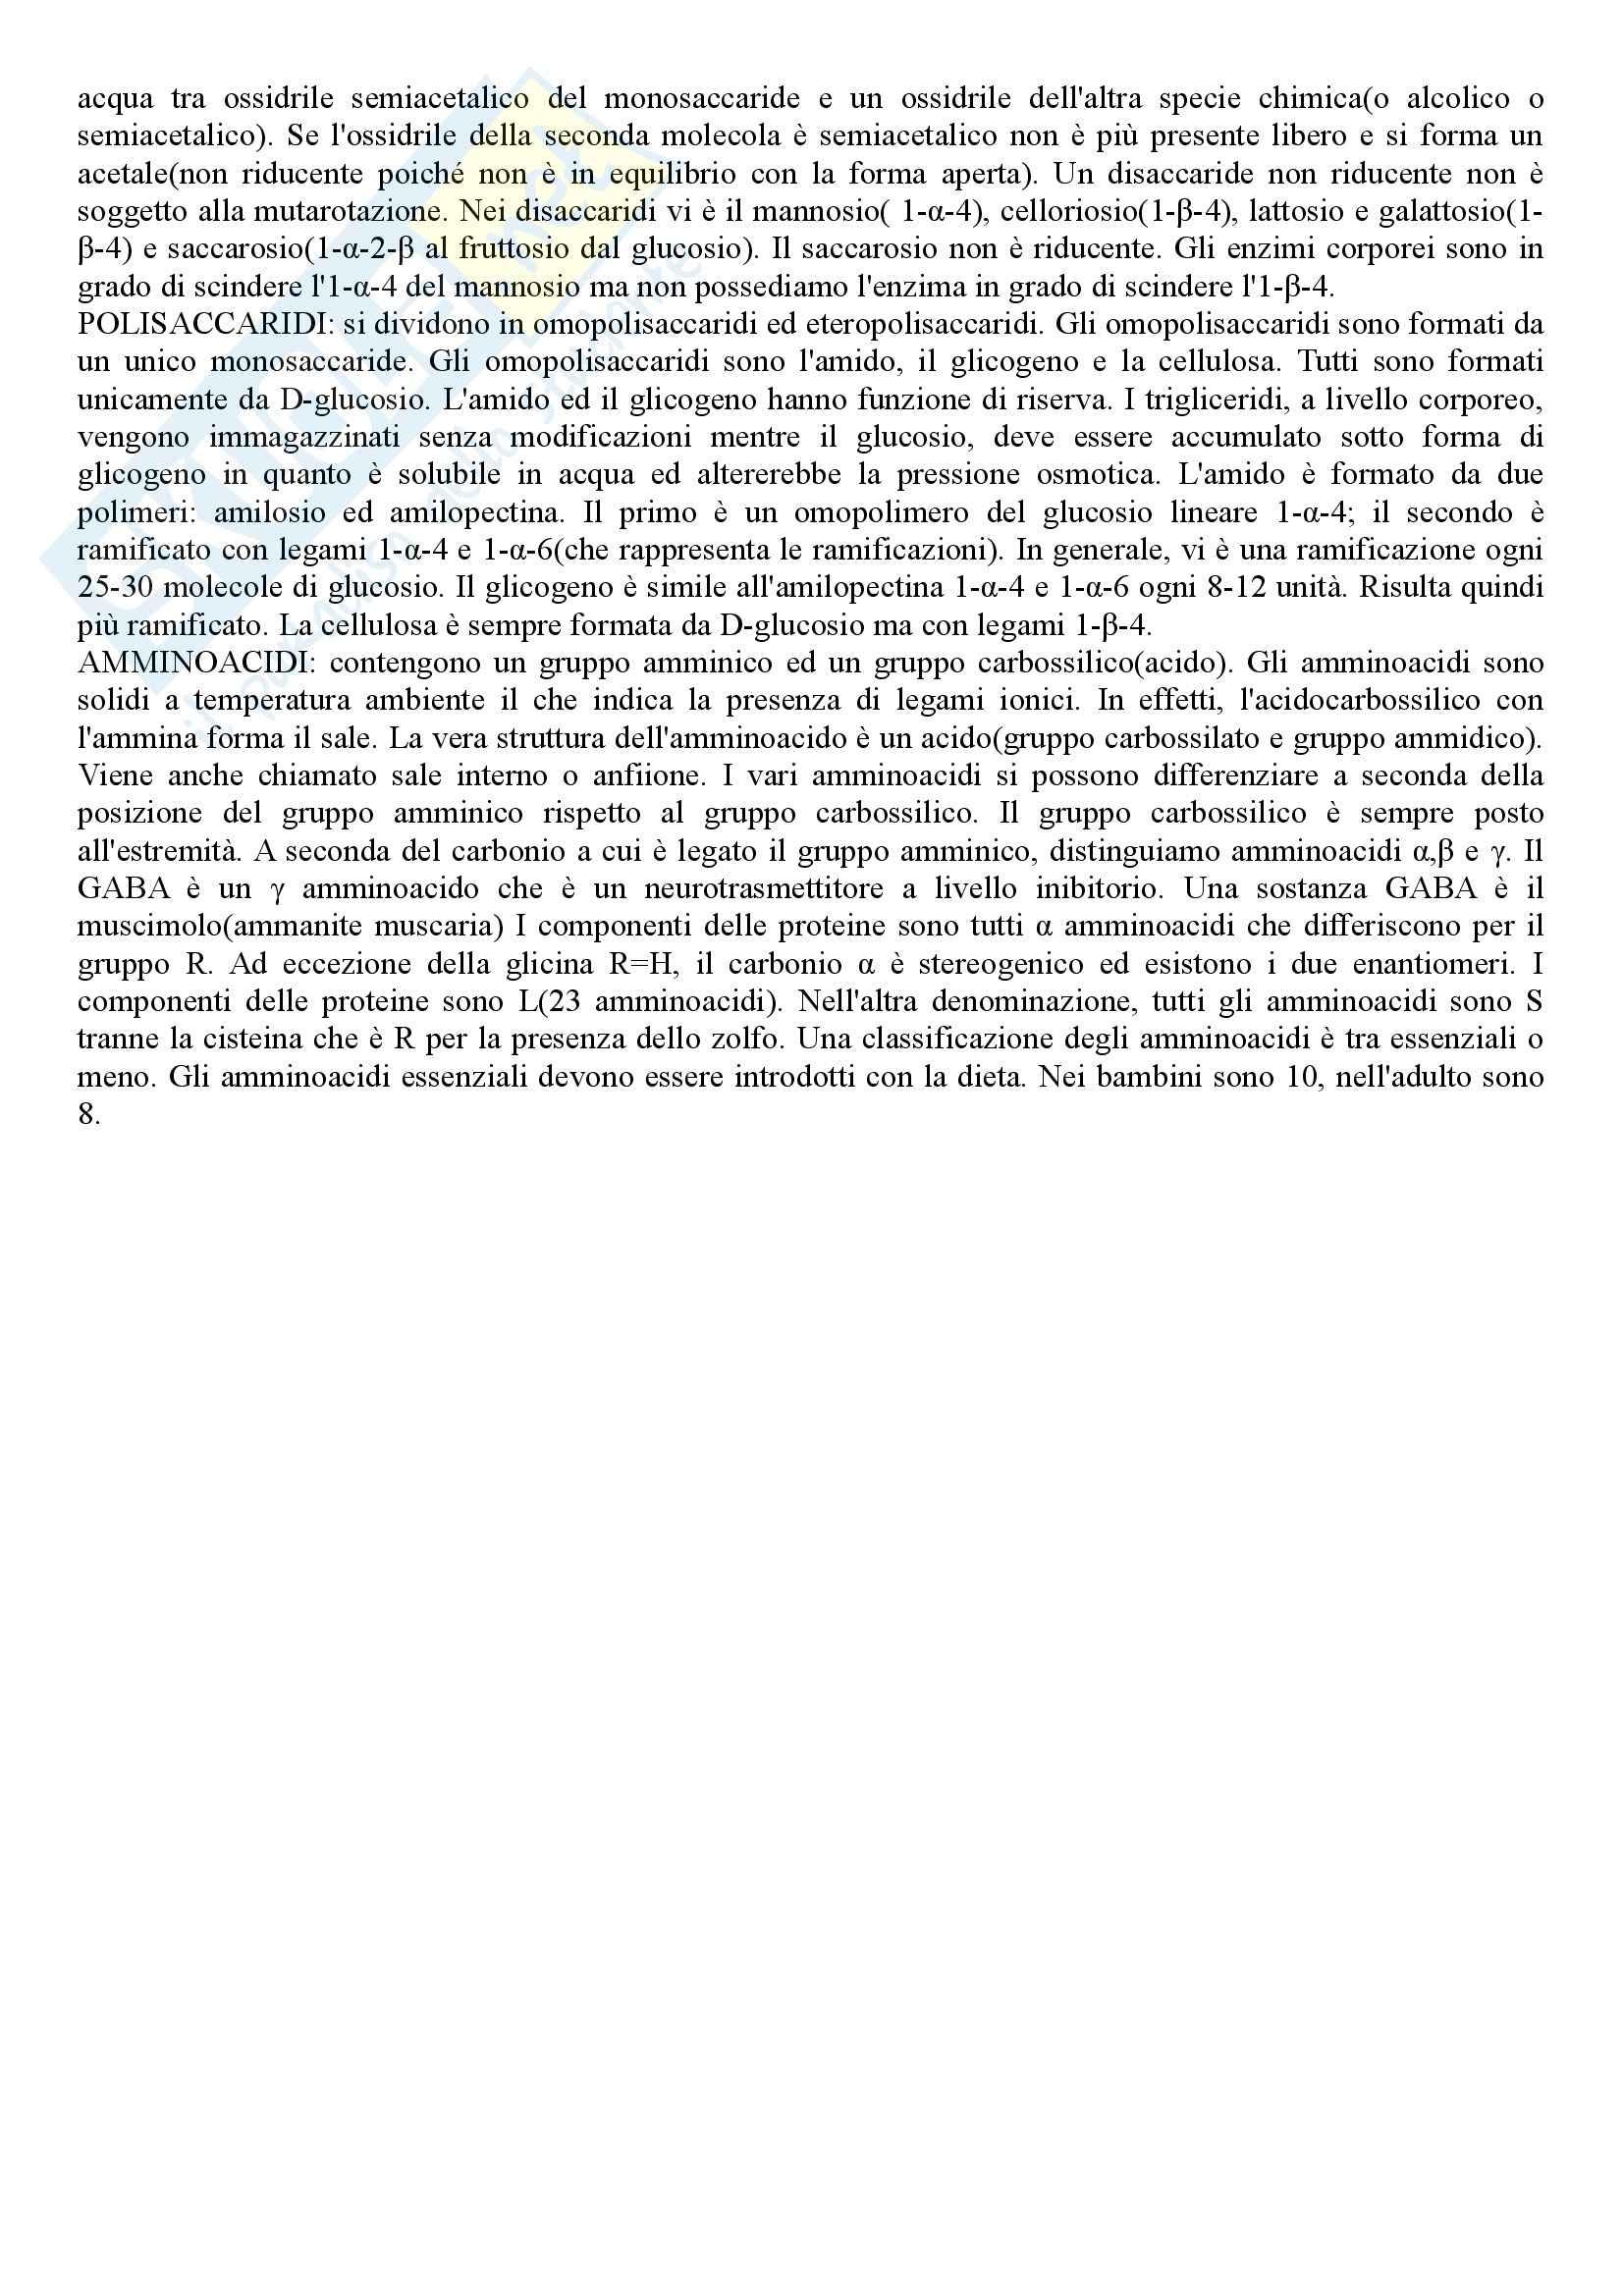 Chimica e Propedeutica biochimica - Appunti Pag. 16